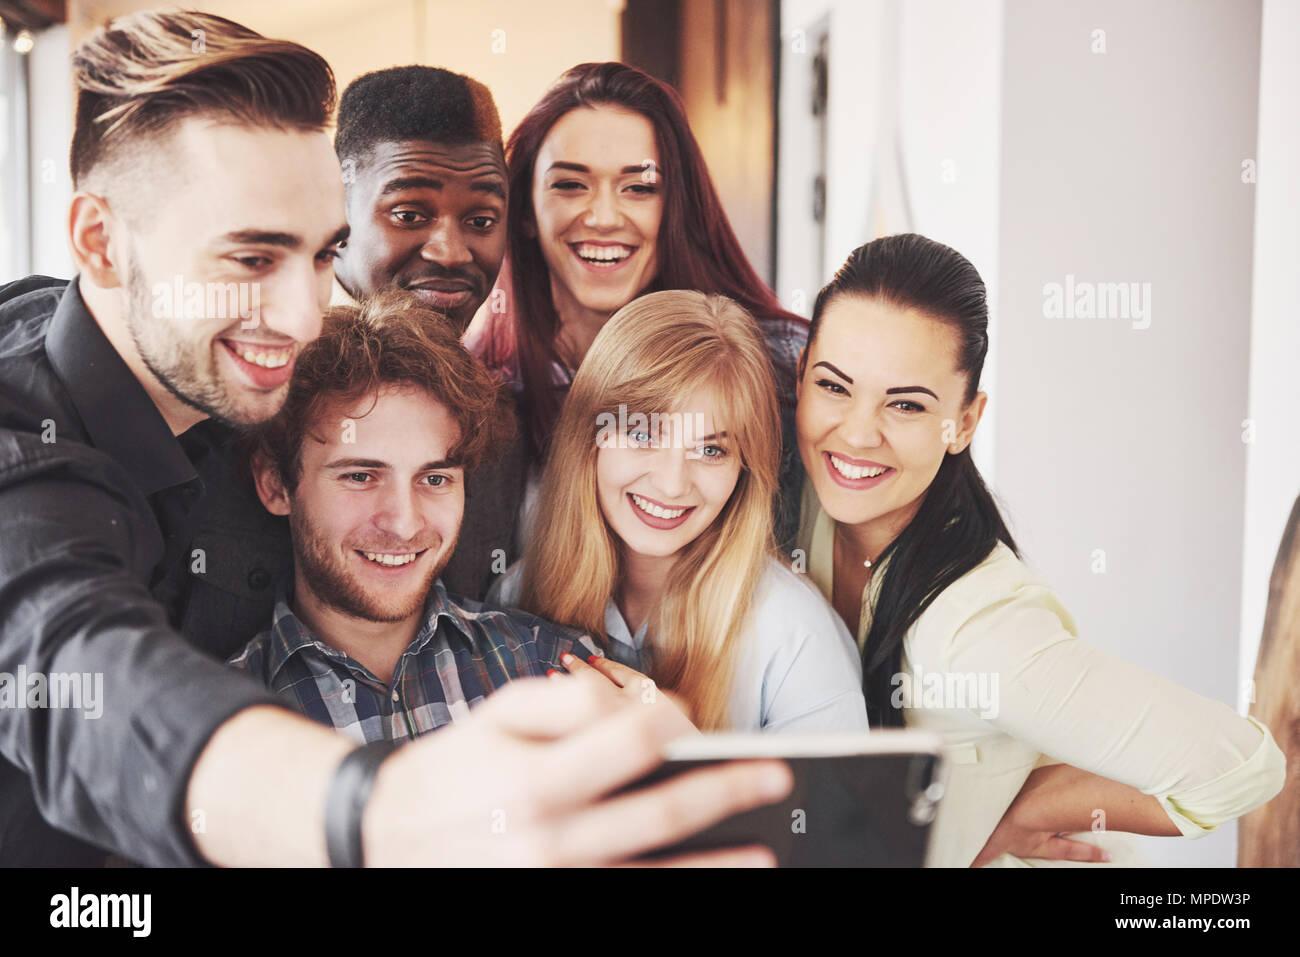 Les amis de s'amuser au restaurant.Deux garçons et quatre filles de potable, ce signe de paix selfies et rire. Sur le premier plan woman holding smart phone. Tous porter des vêtements décontractés Photo Stock